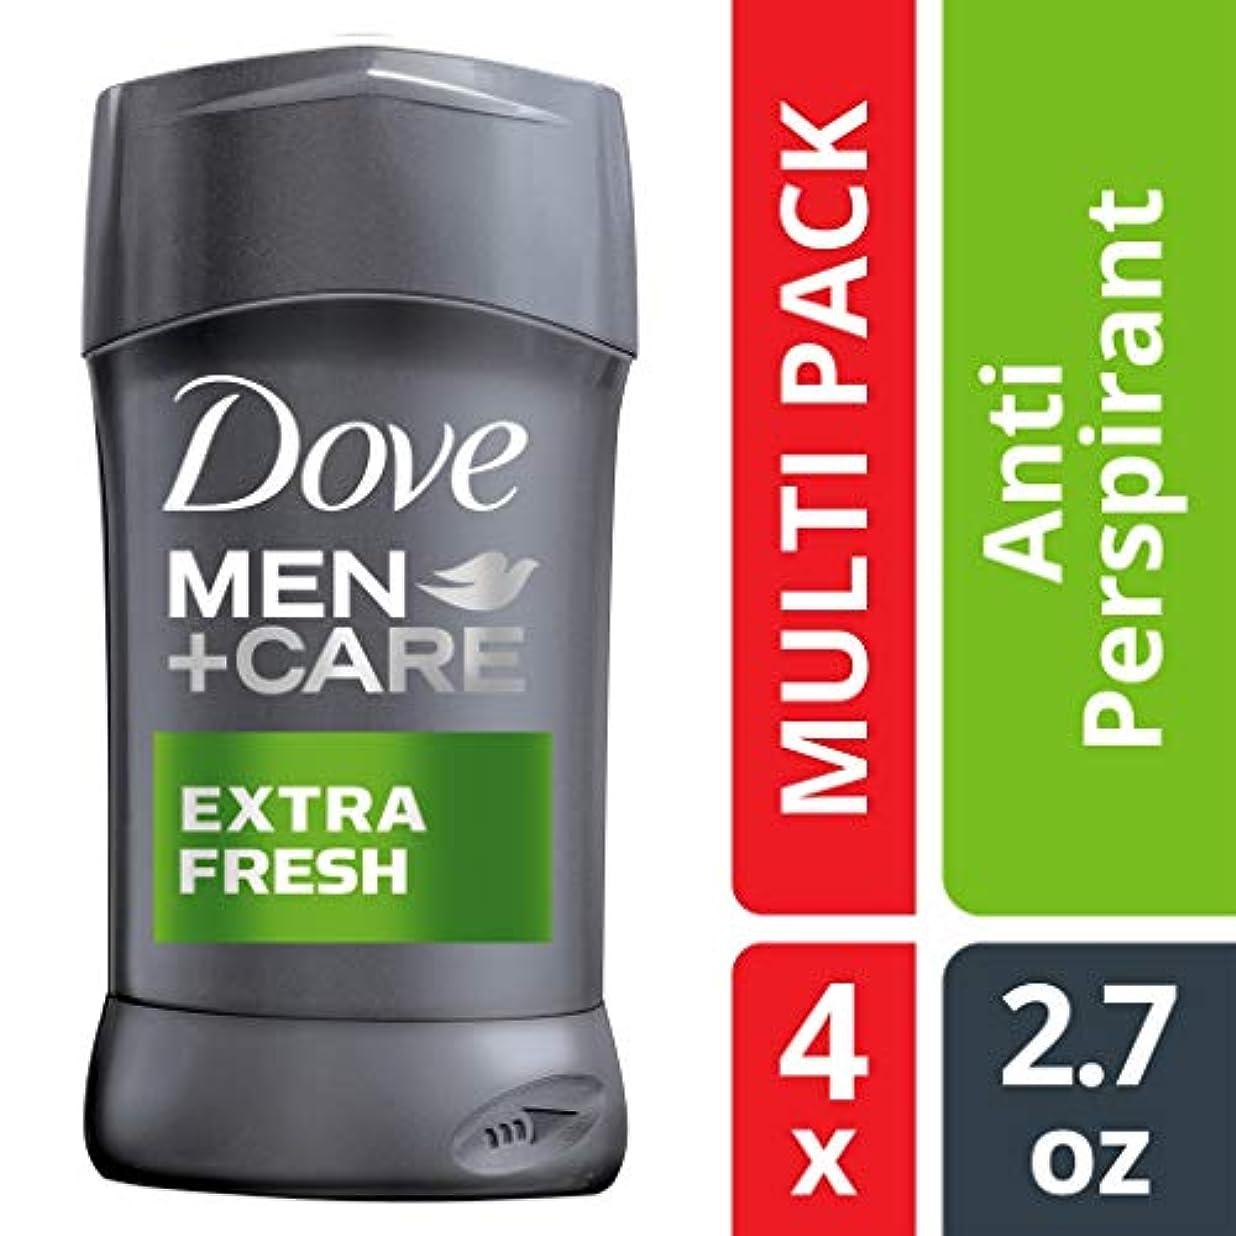 マリン怒って予約Dove メンズ ケア用 発汗抑制消臭スティック エクストラフレッシュ 2.7オンス 4本入り